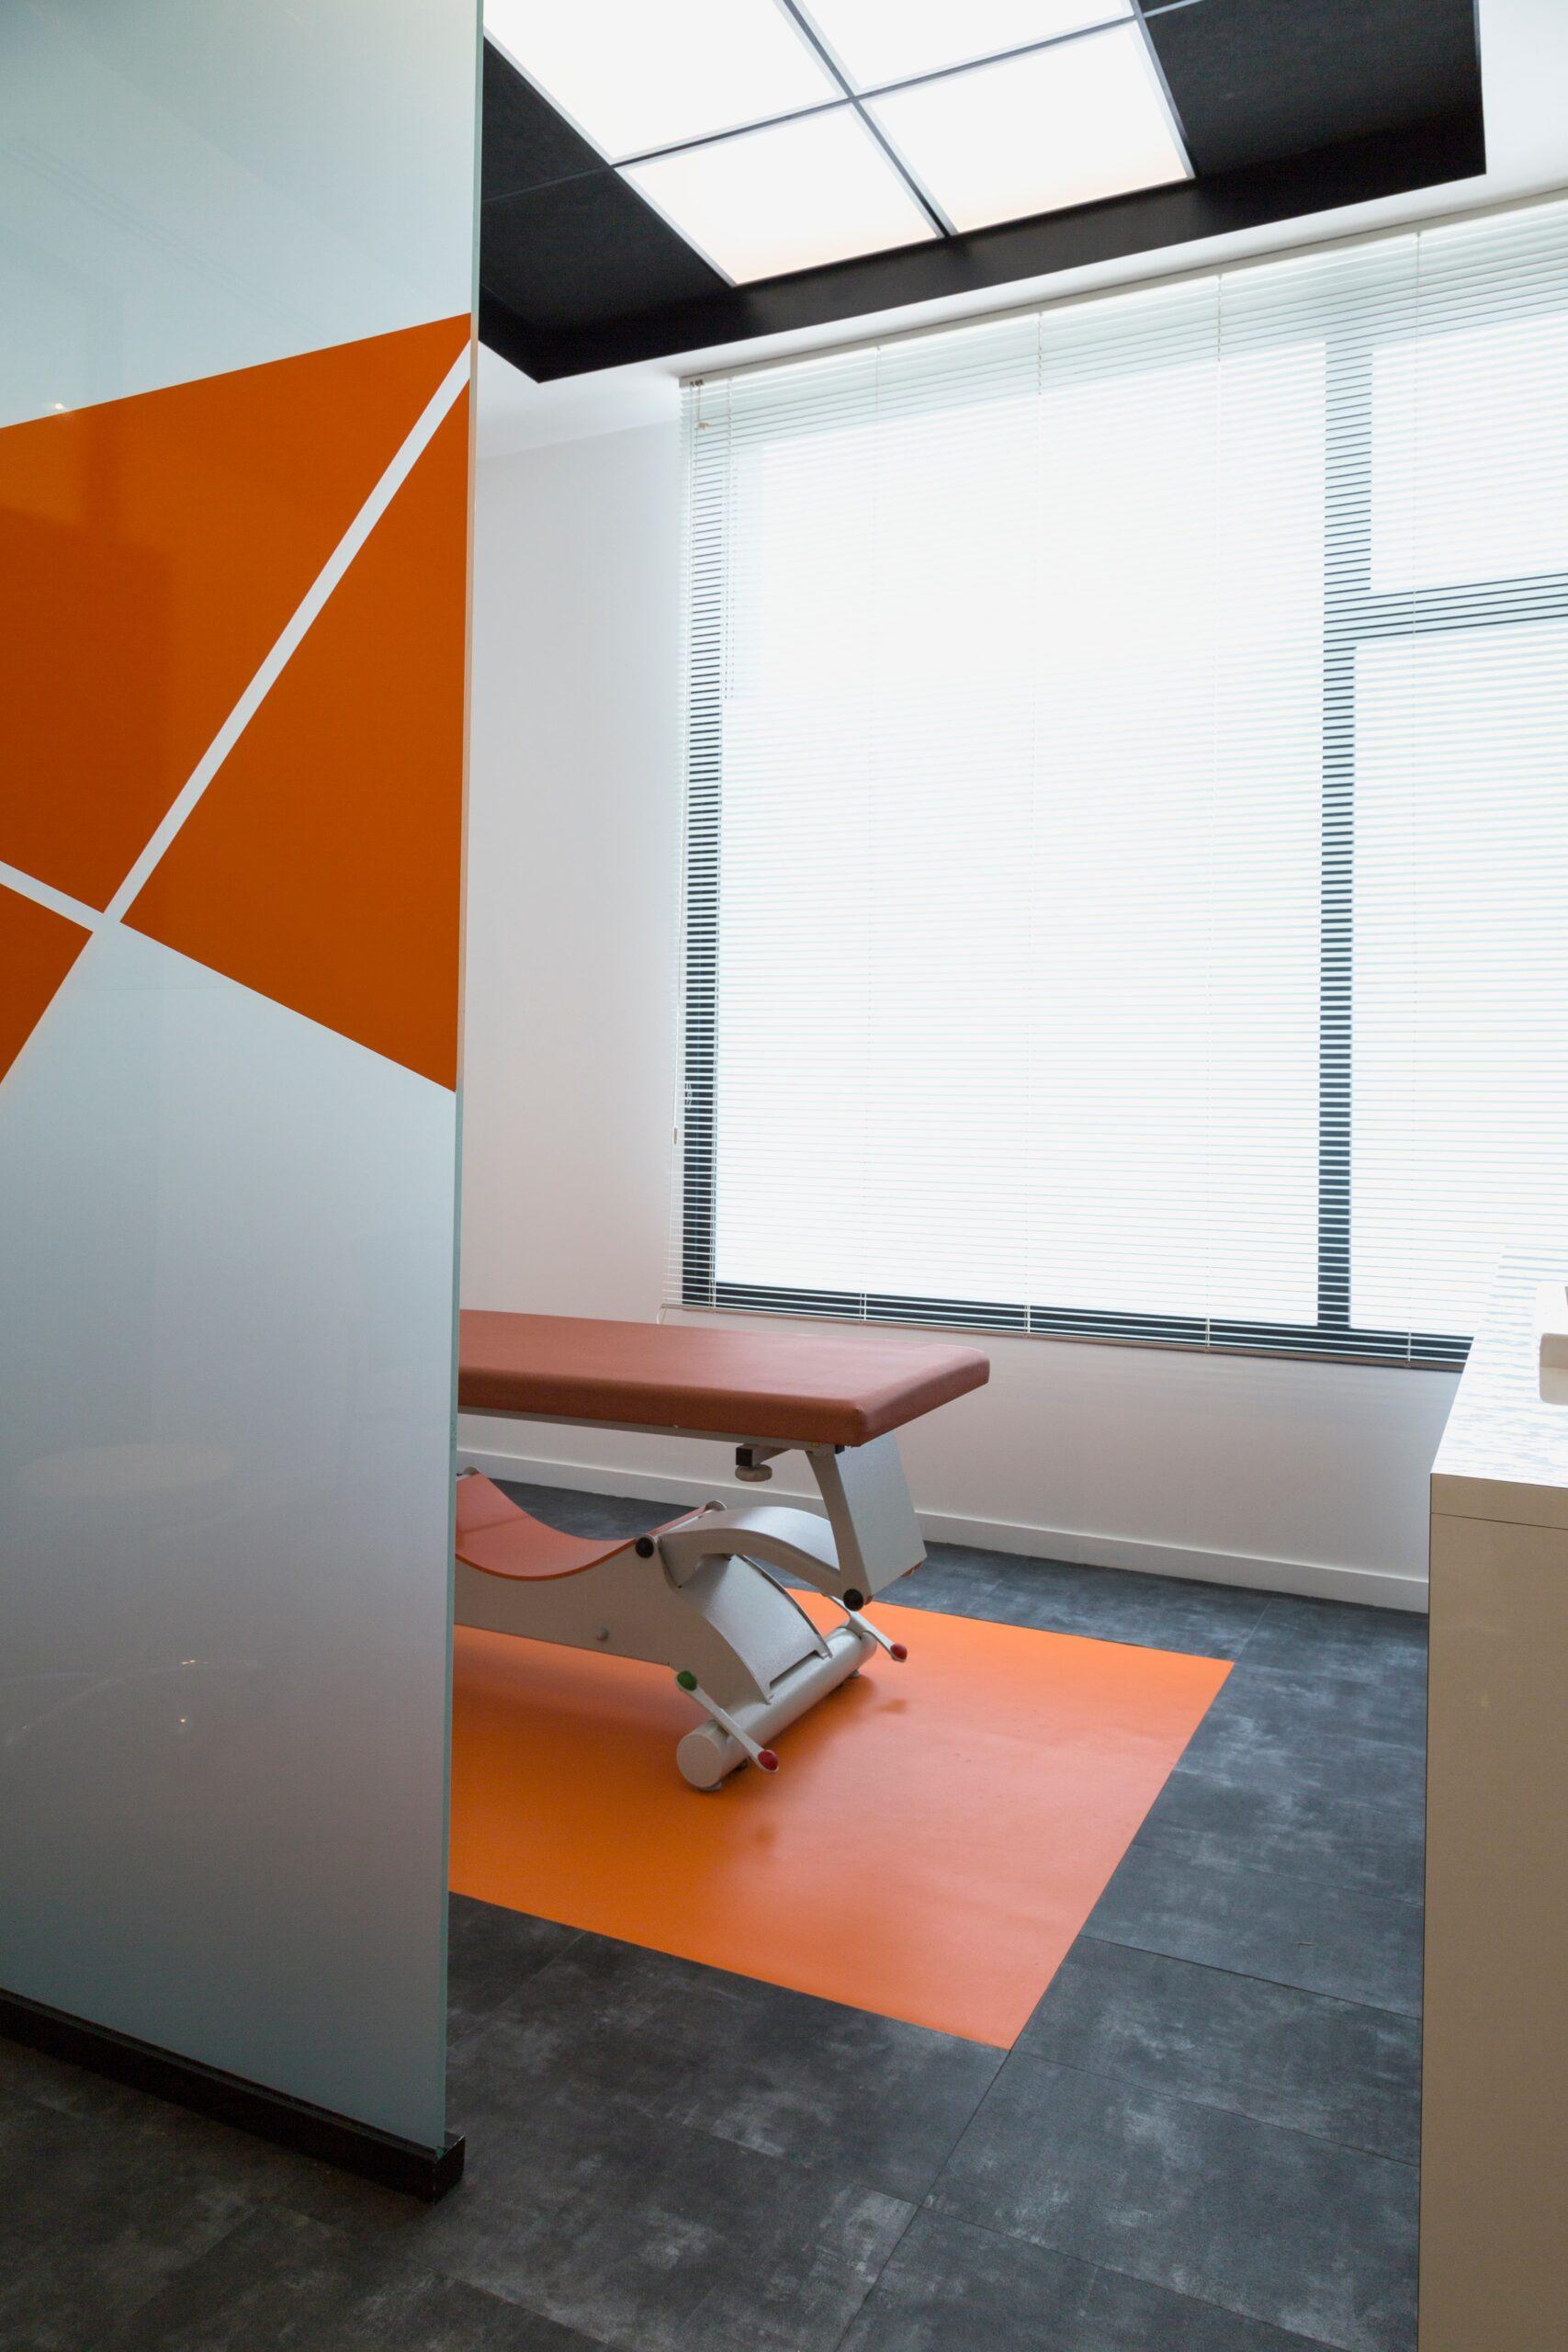 Eclairage d'une salle d'examen du centre médical Cavaillon